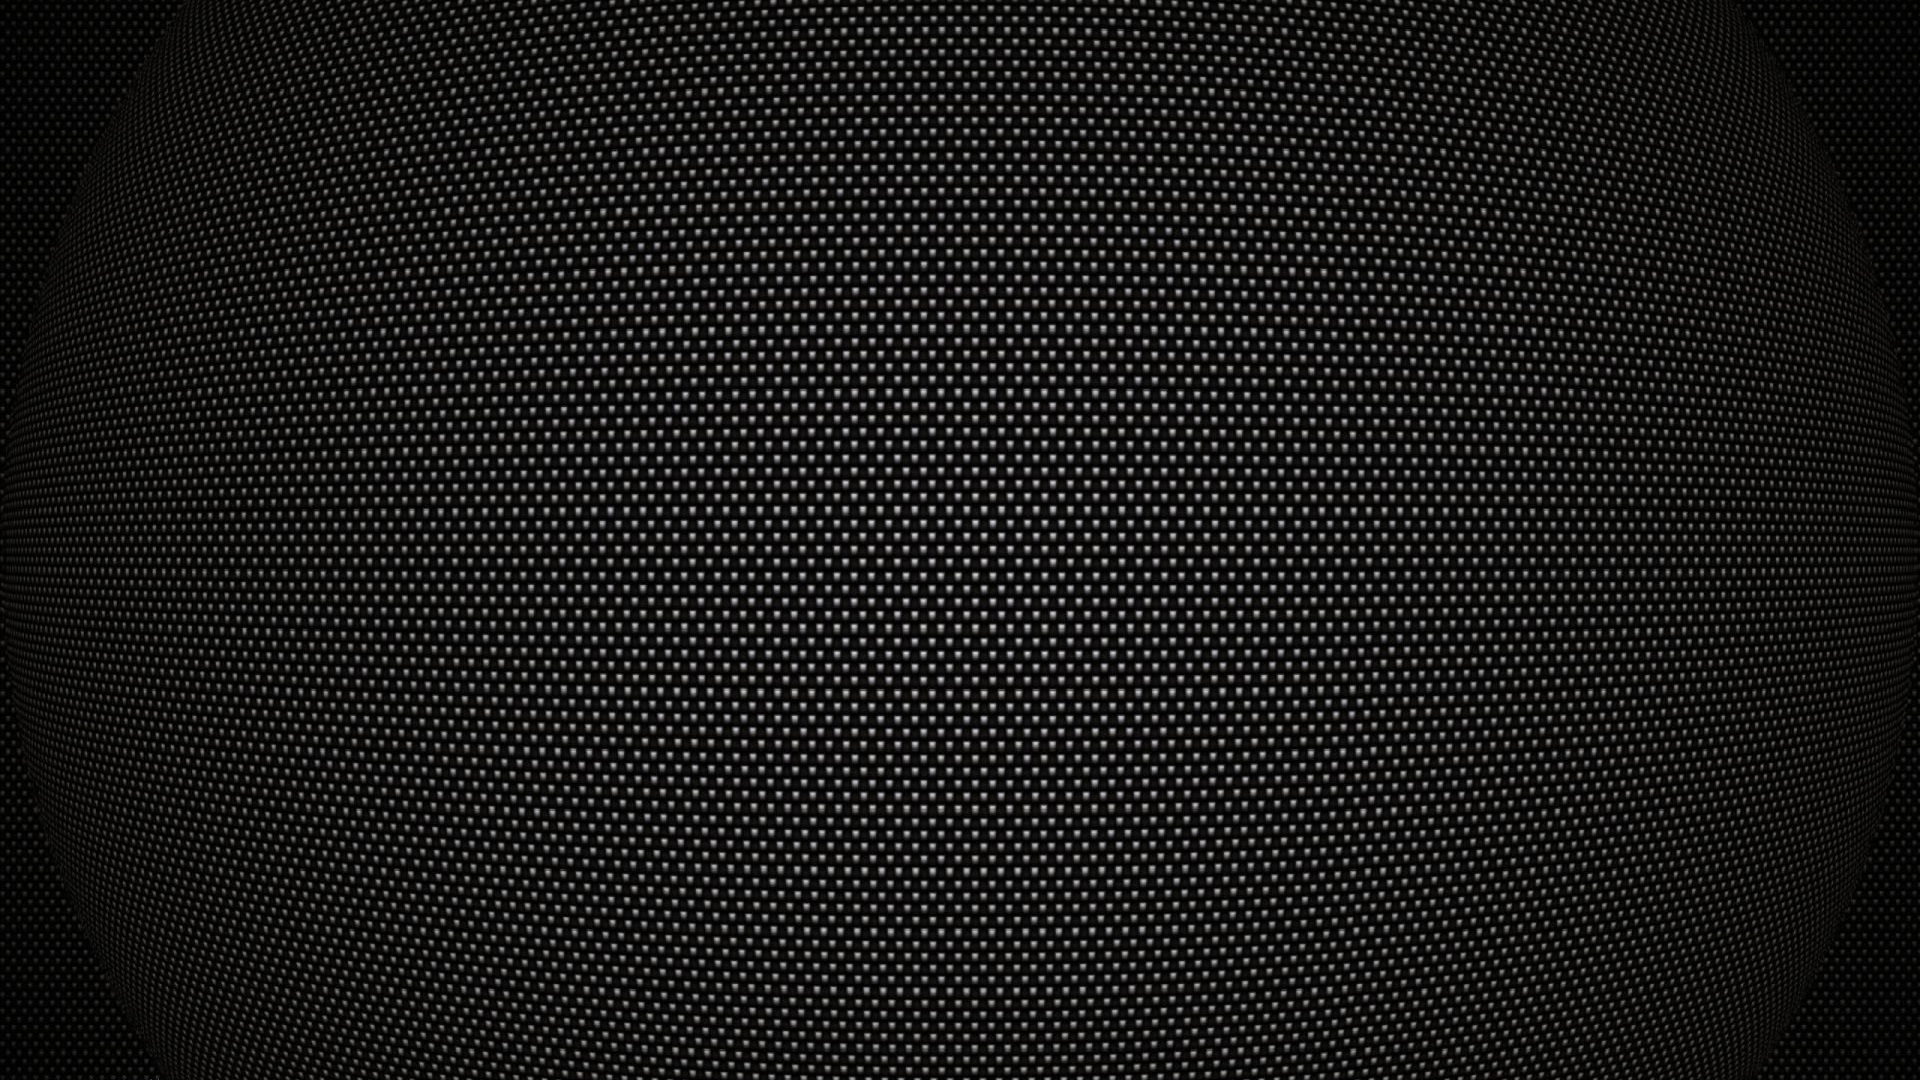 Desktop Wallpaper Stylish Girl Free Black Hd Wallpapers Pixelstalk Net